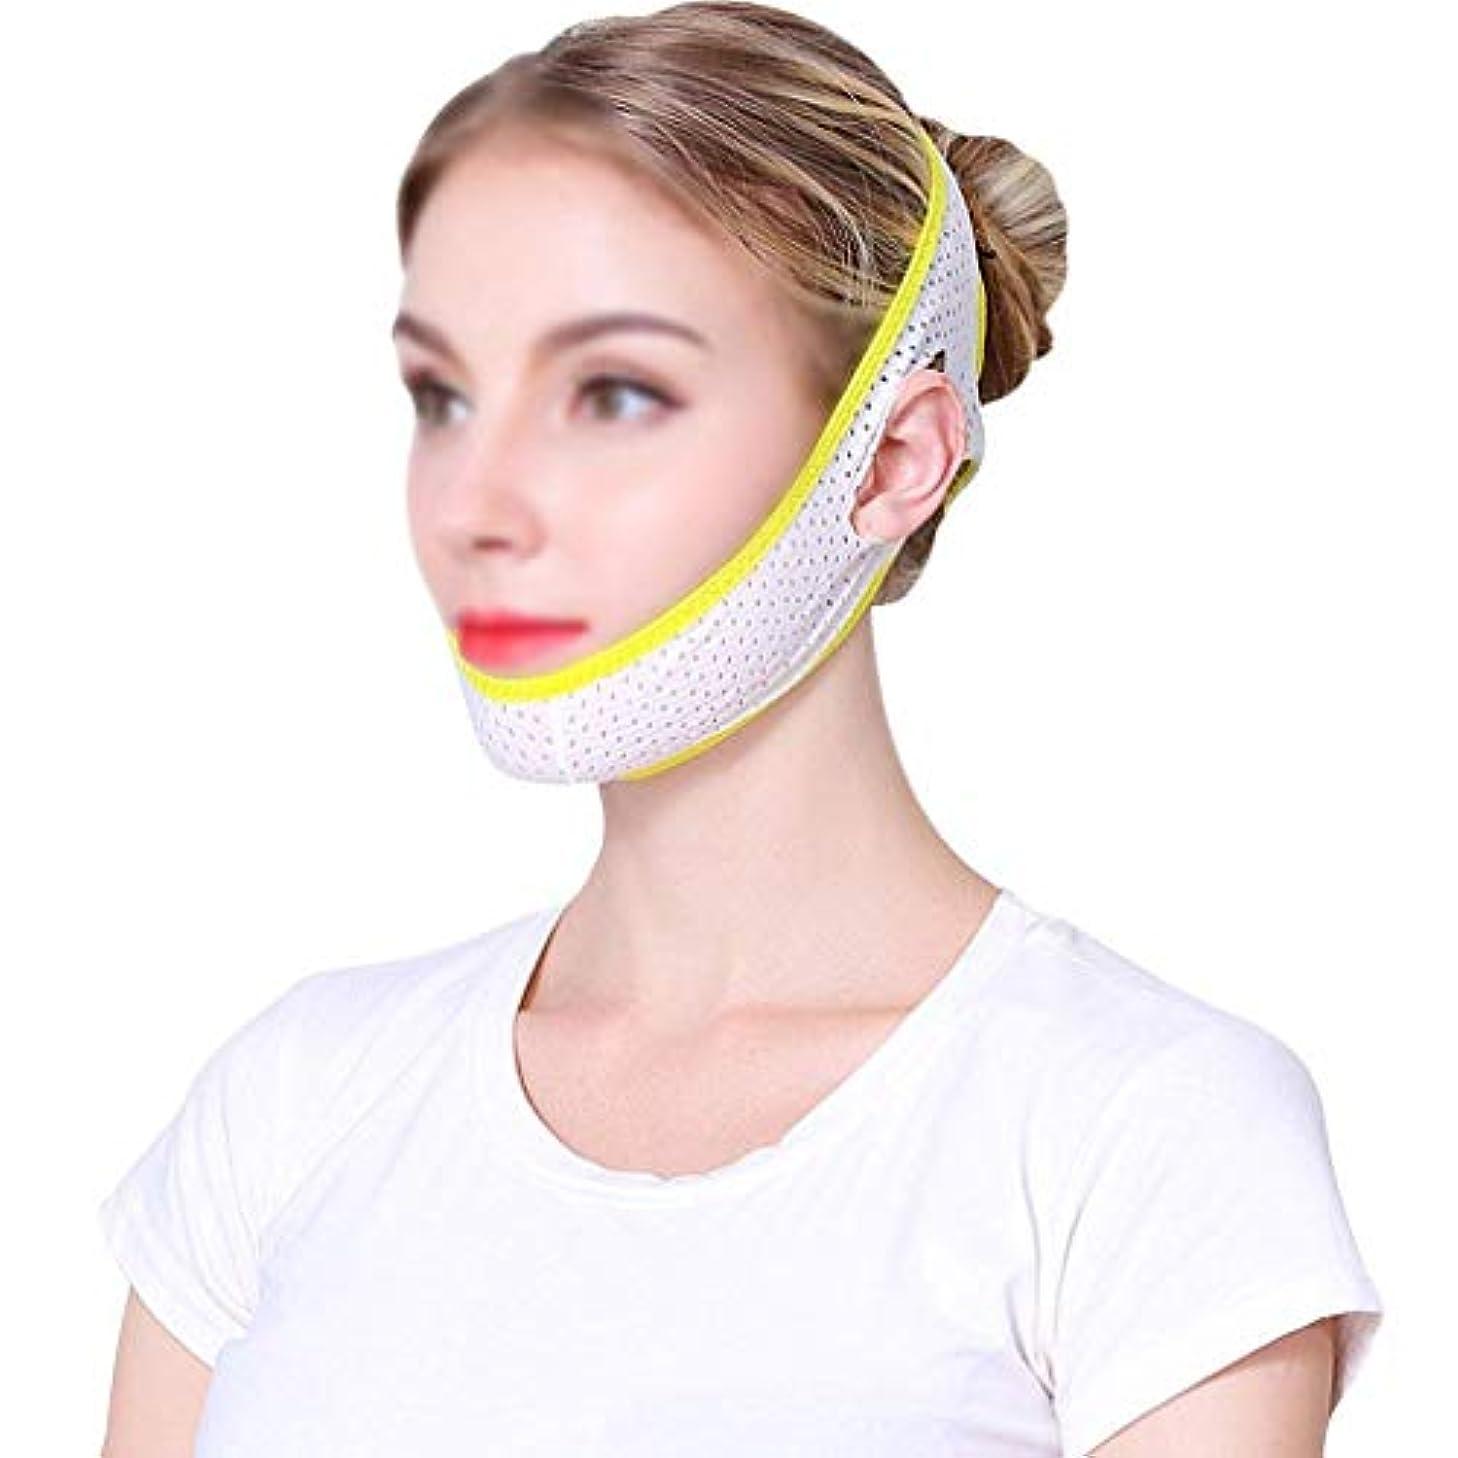 切断する散髪めまいマスク、包帯、整形外科の夏の通気性の薄いセクション二重あごひものVの表面の薄いフェイスマスクを持ち上げて下さい